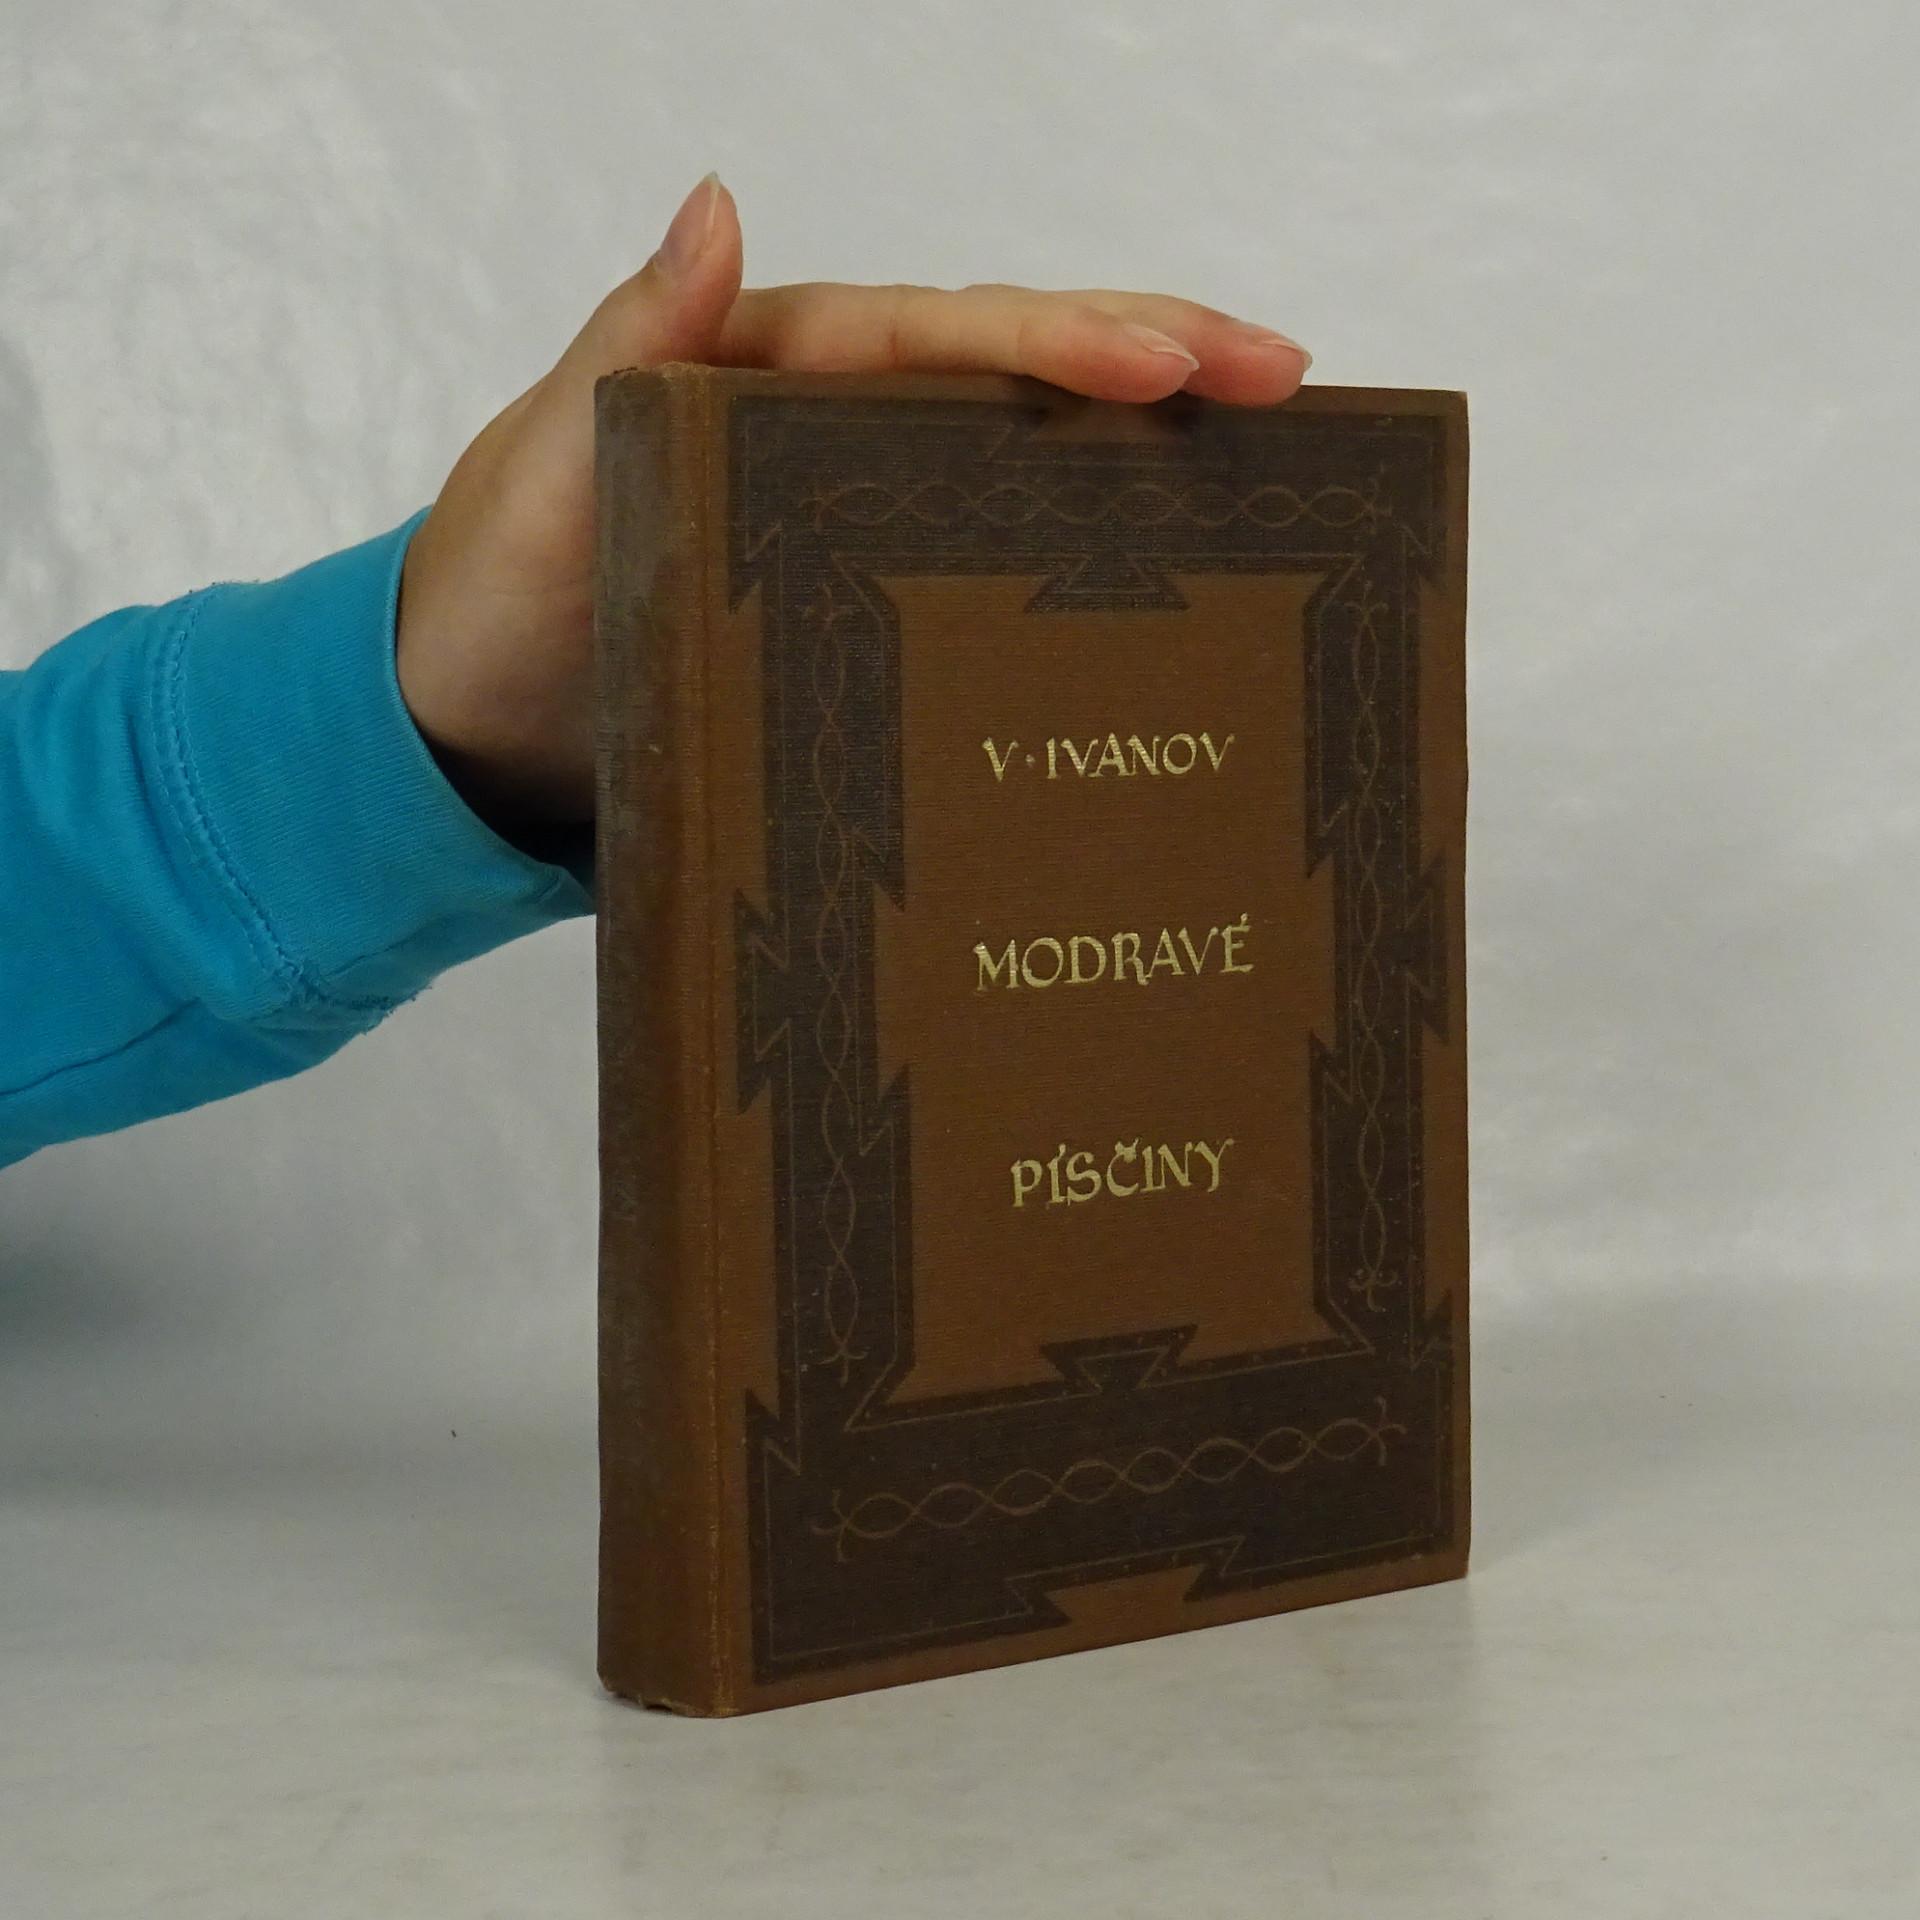 antikvární kniha Modravé písčiny, 1925